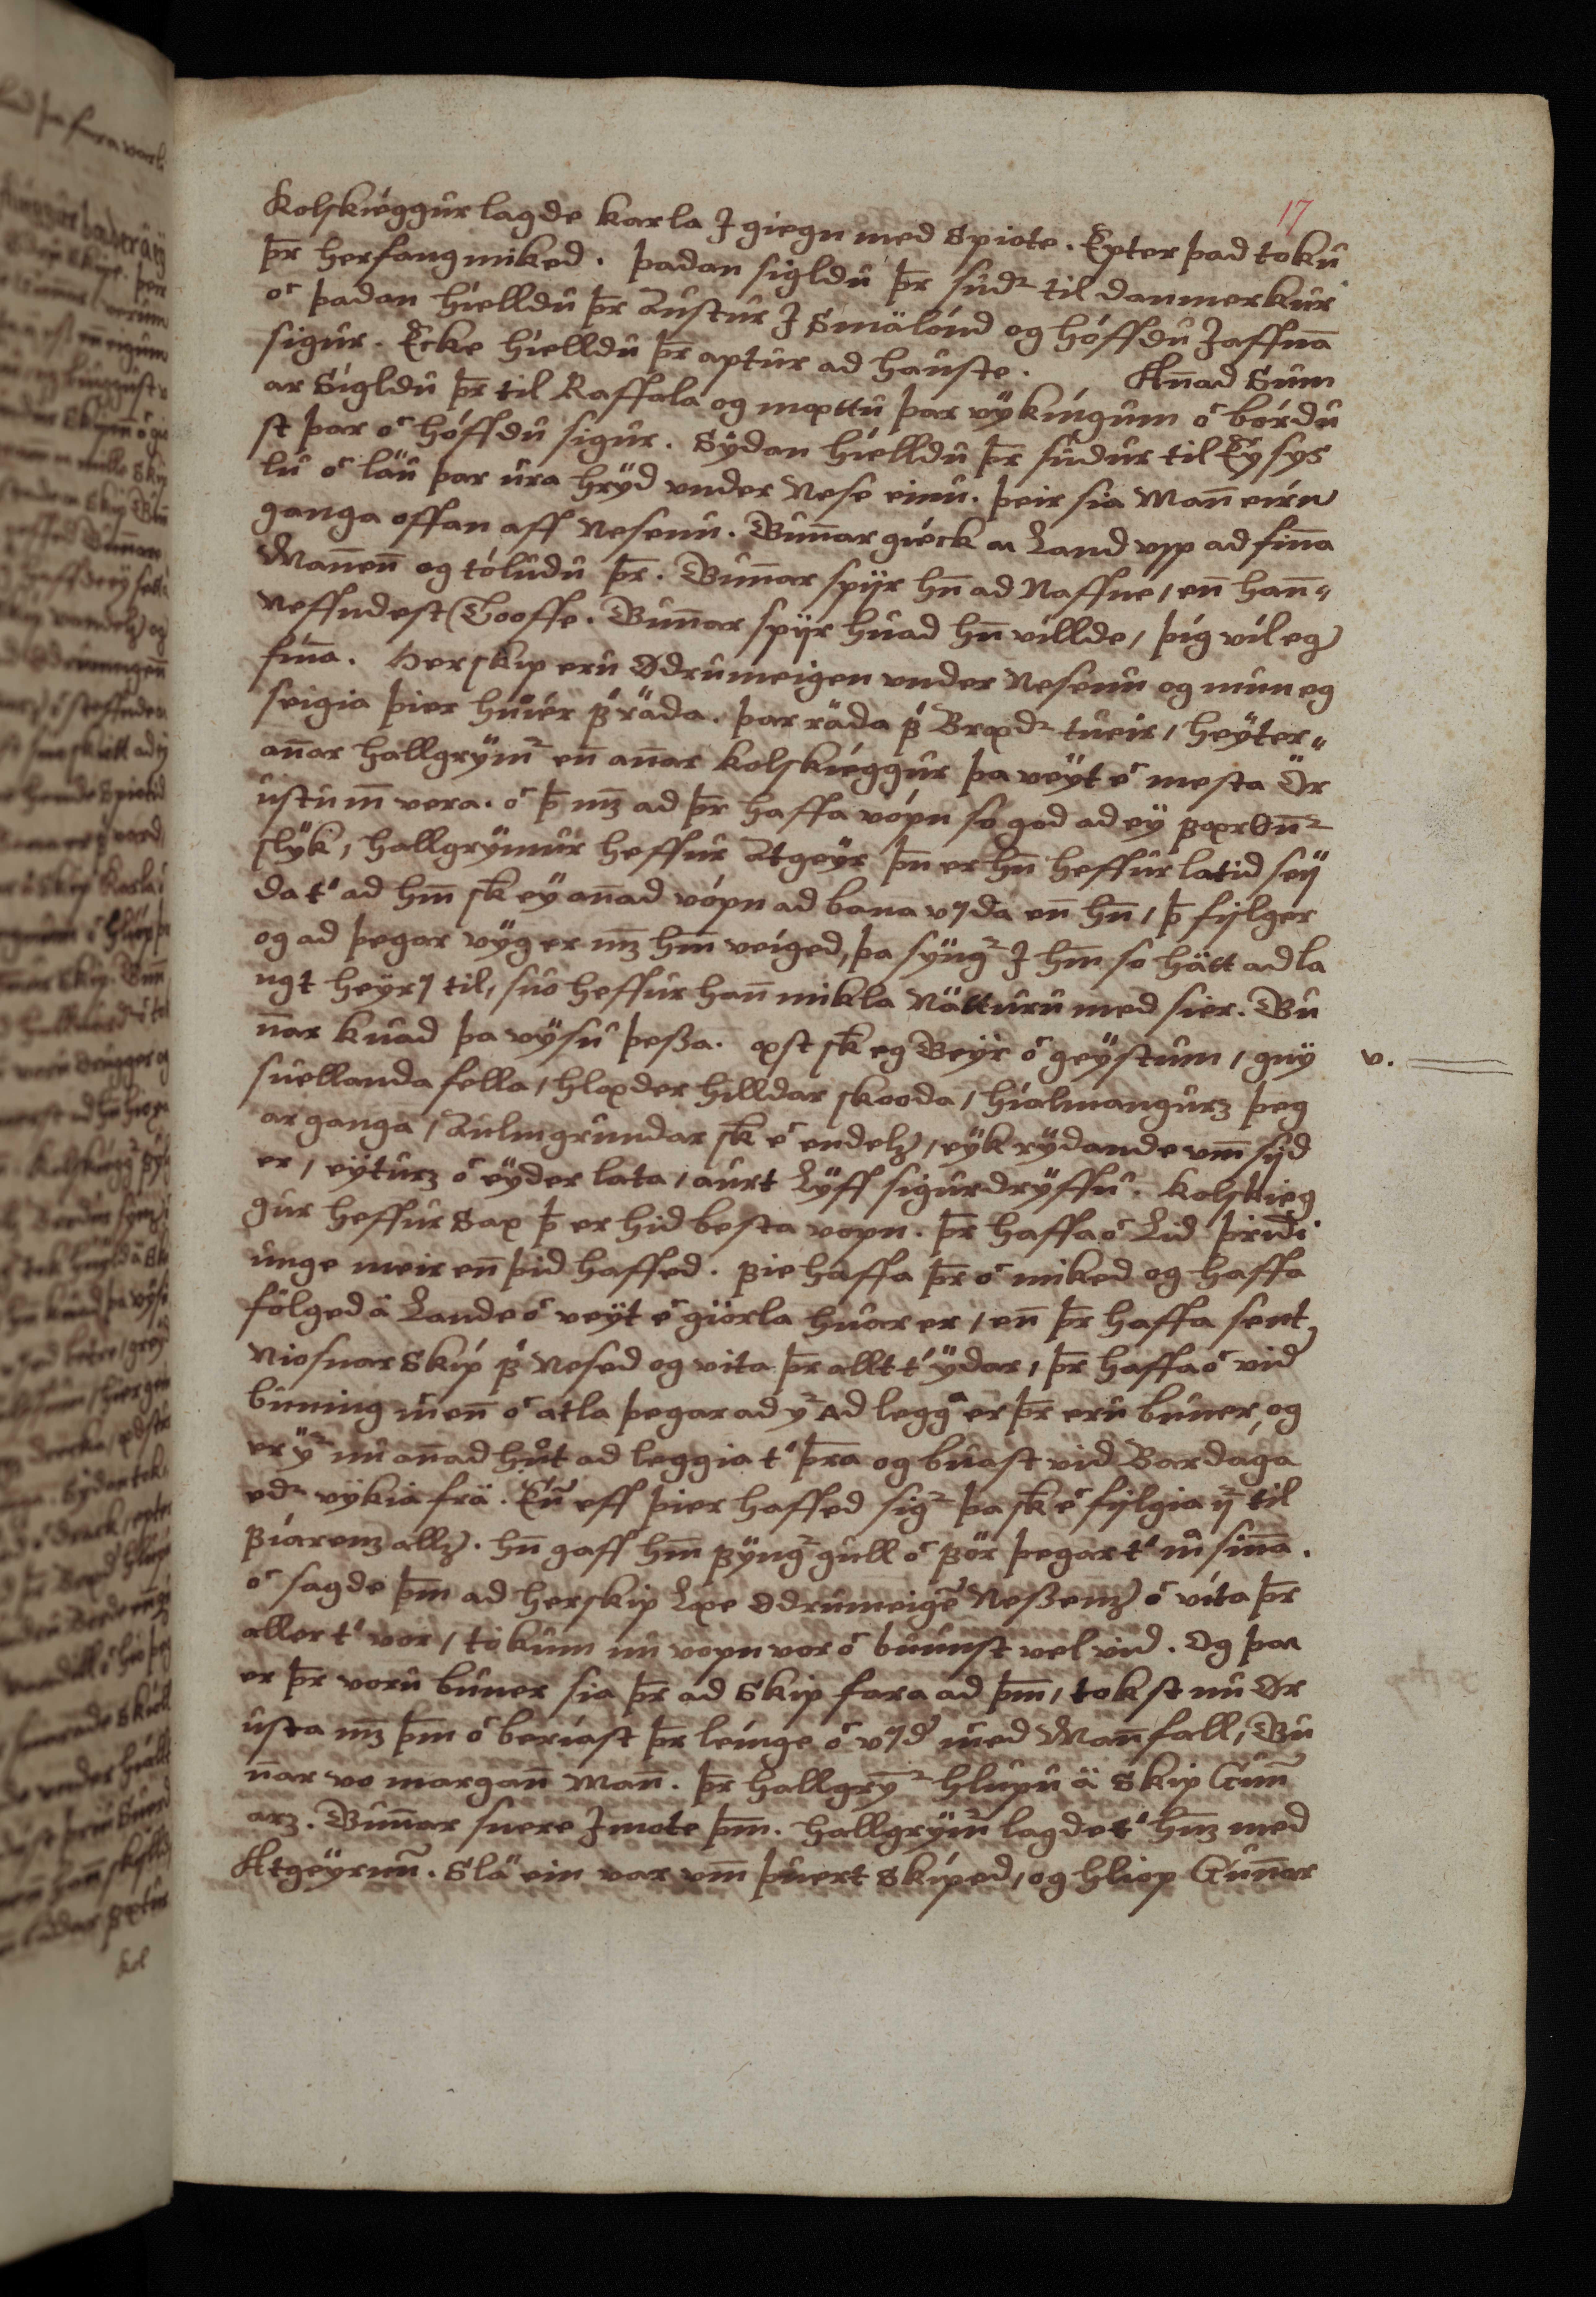 AM 136 fol - 17r